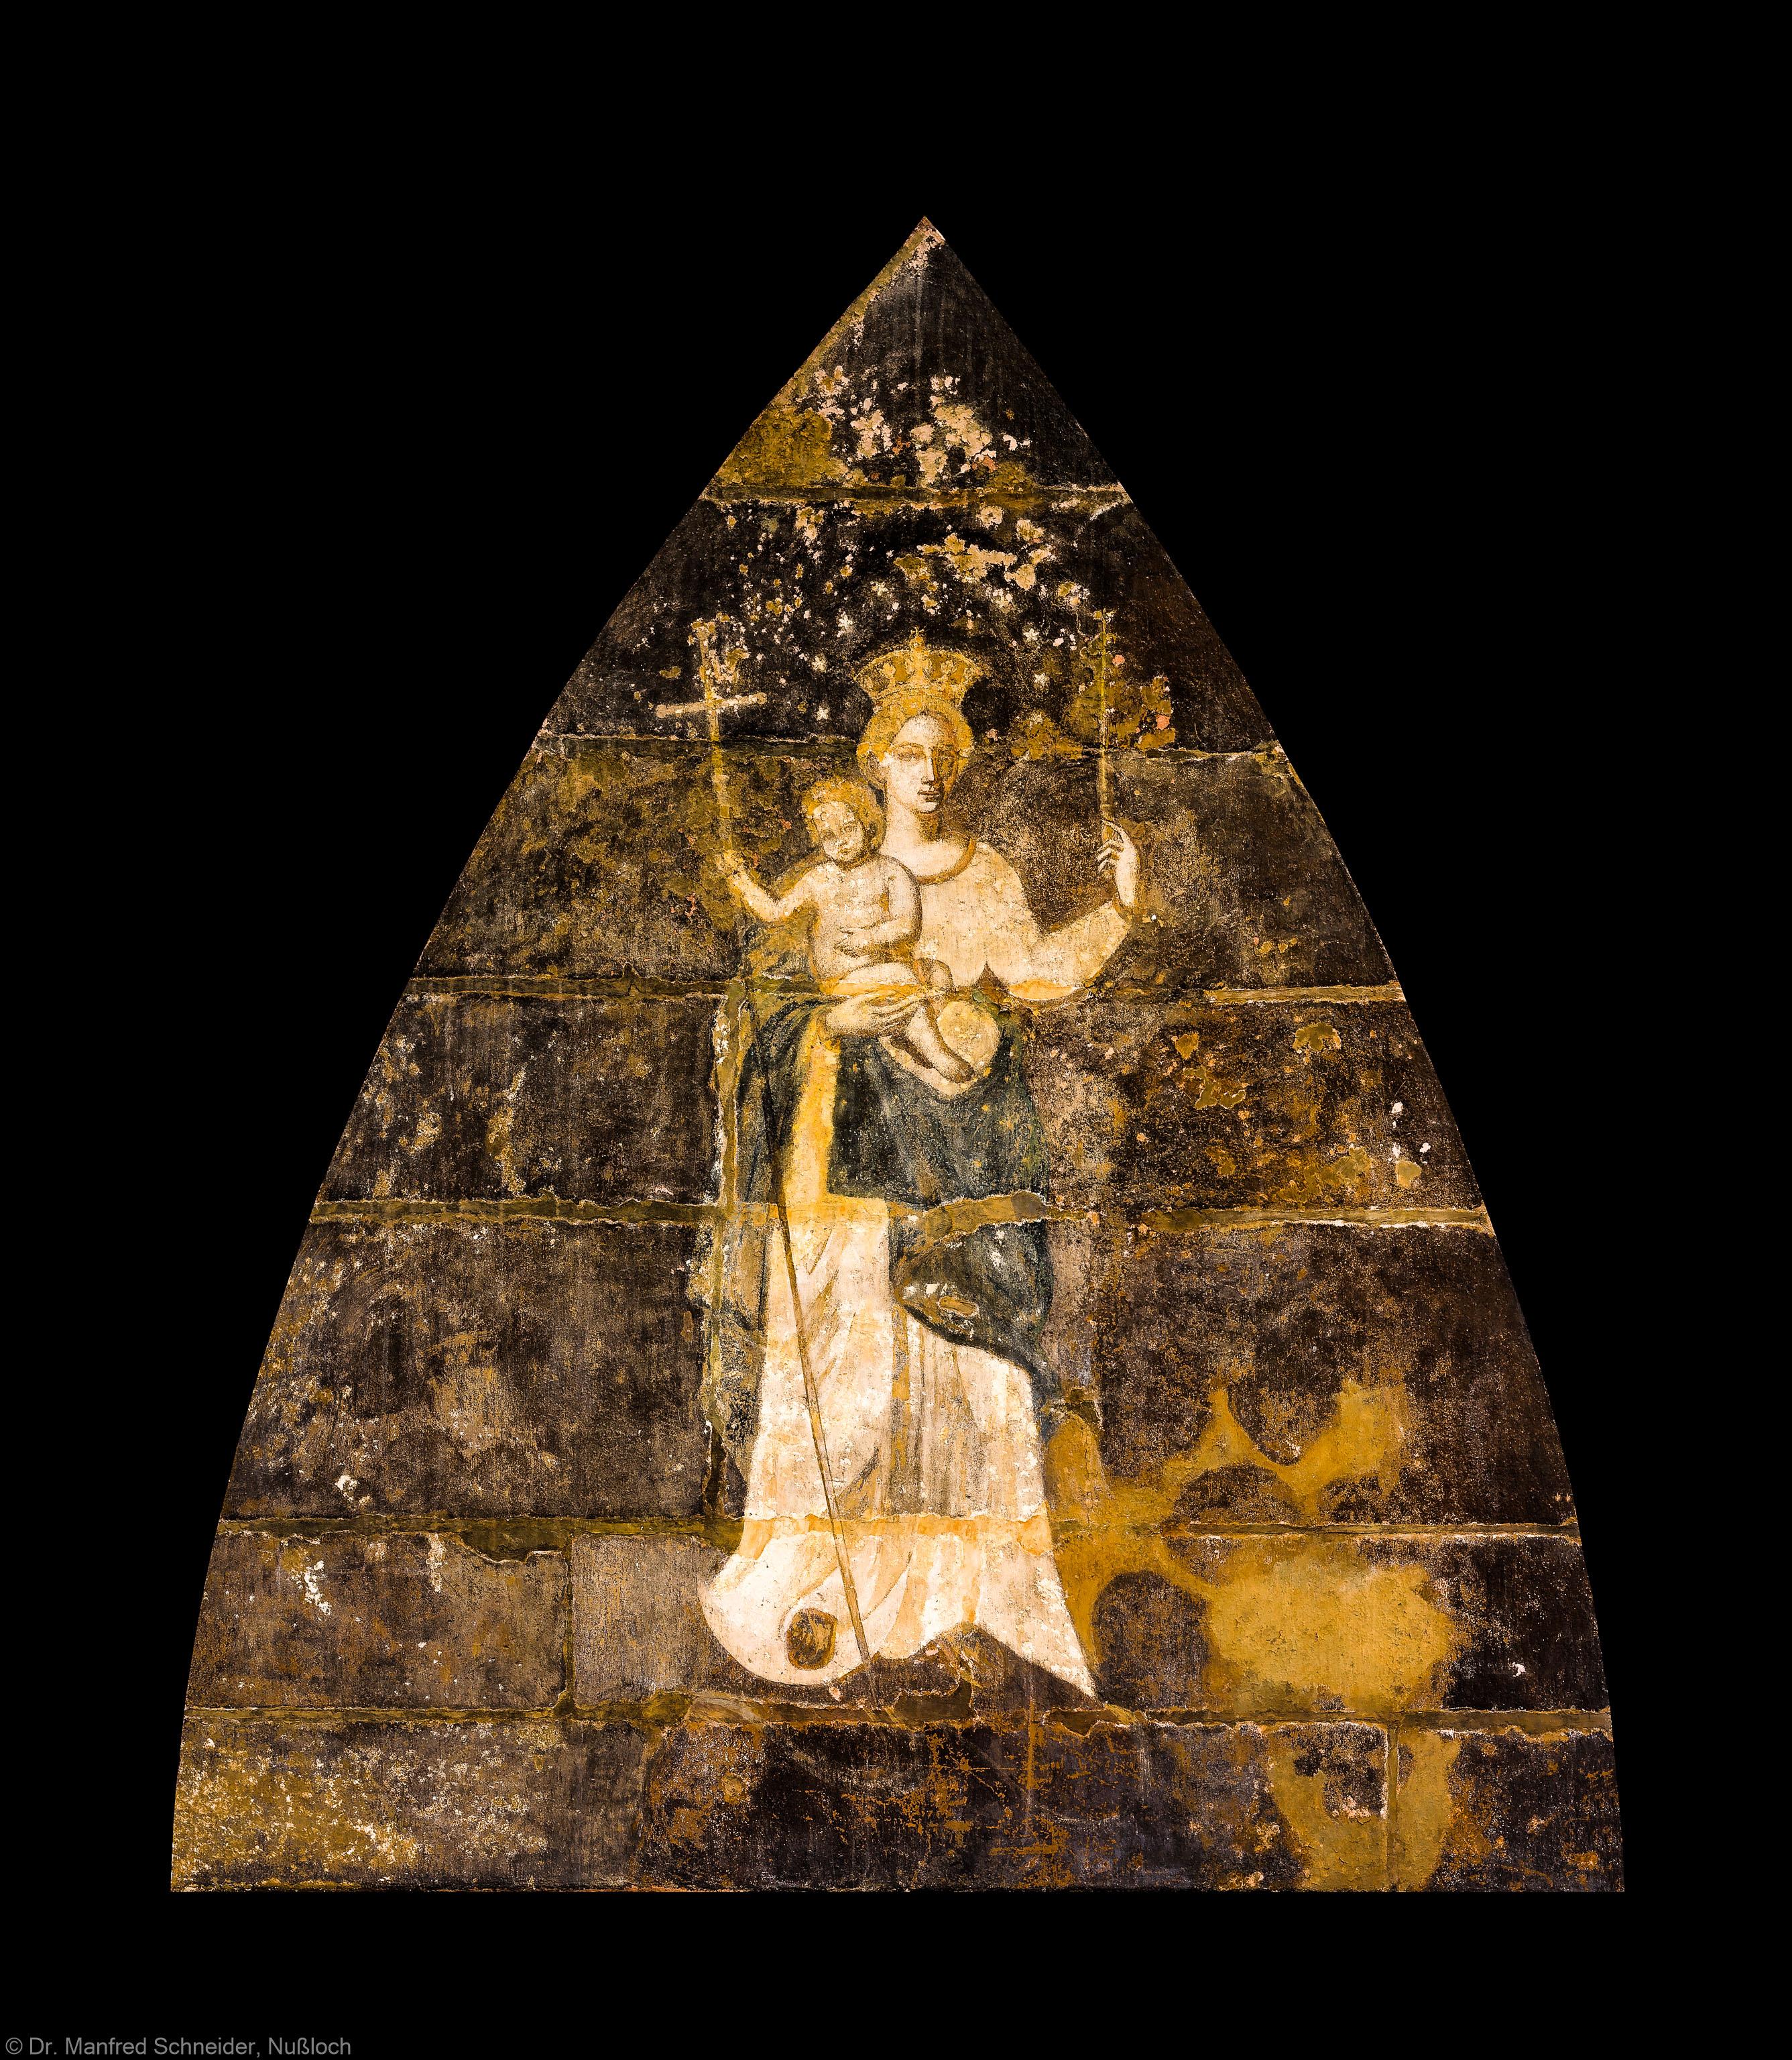 """Heidelberg - Heiliggeistkirche - Nordseite - Sakristei - Blick von der nordöstlichen Ecke der Sakristei von unten auf die Malerei """"Muttergottes mit Kind"""" (aufgenommen im August 2013, am Nachmittag)"""